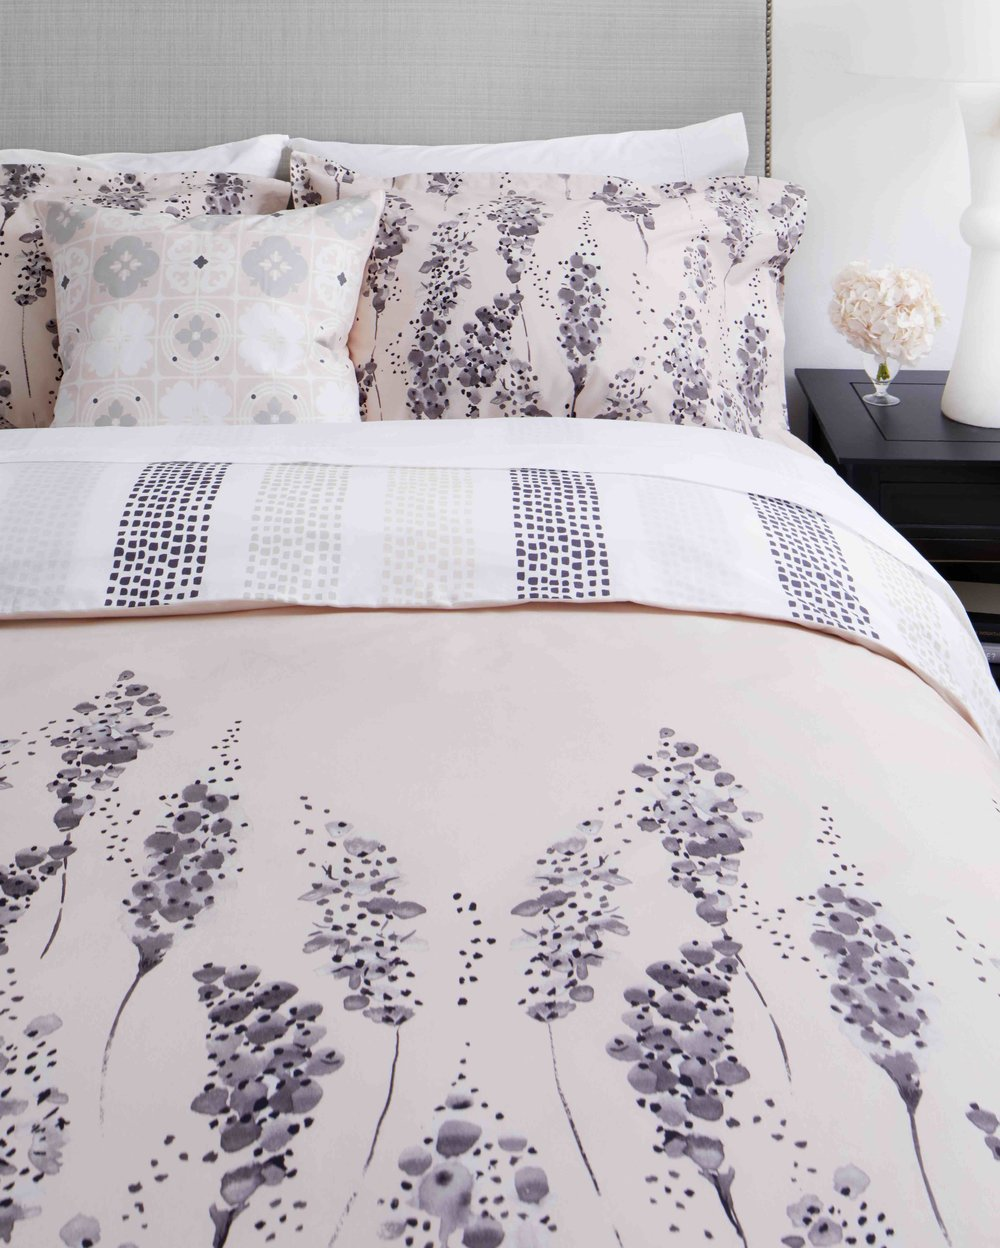 9. Hyacinth Bedding